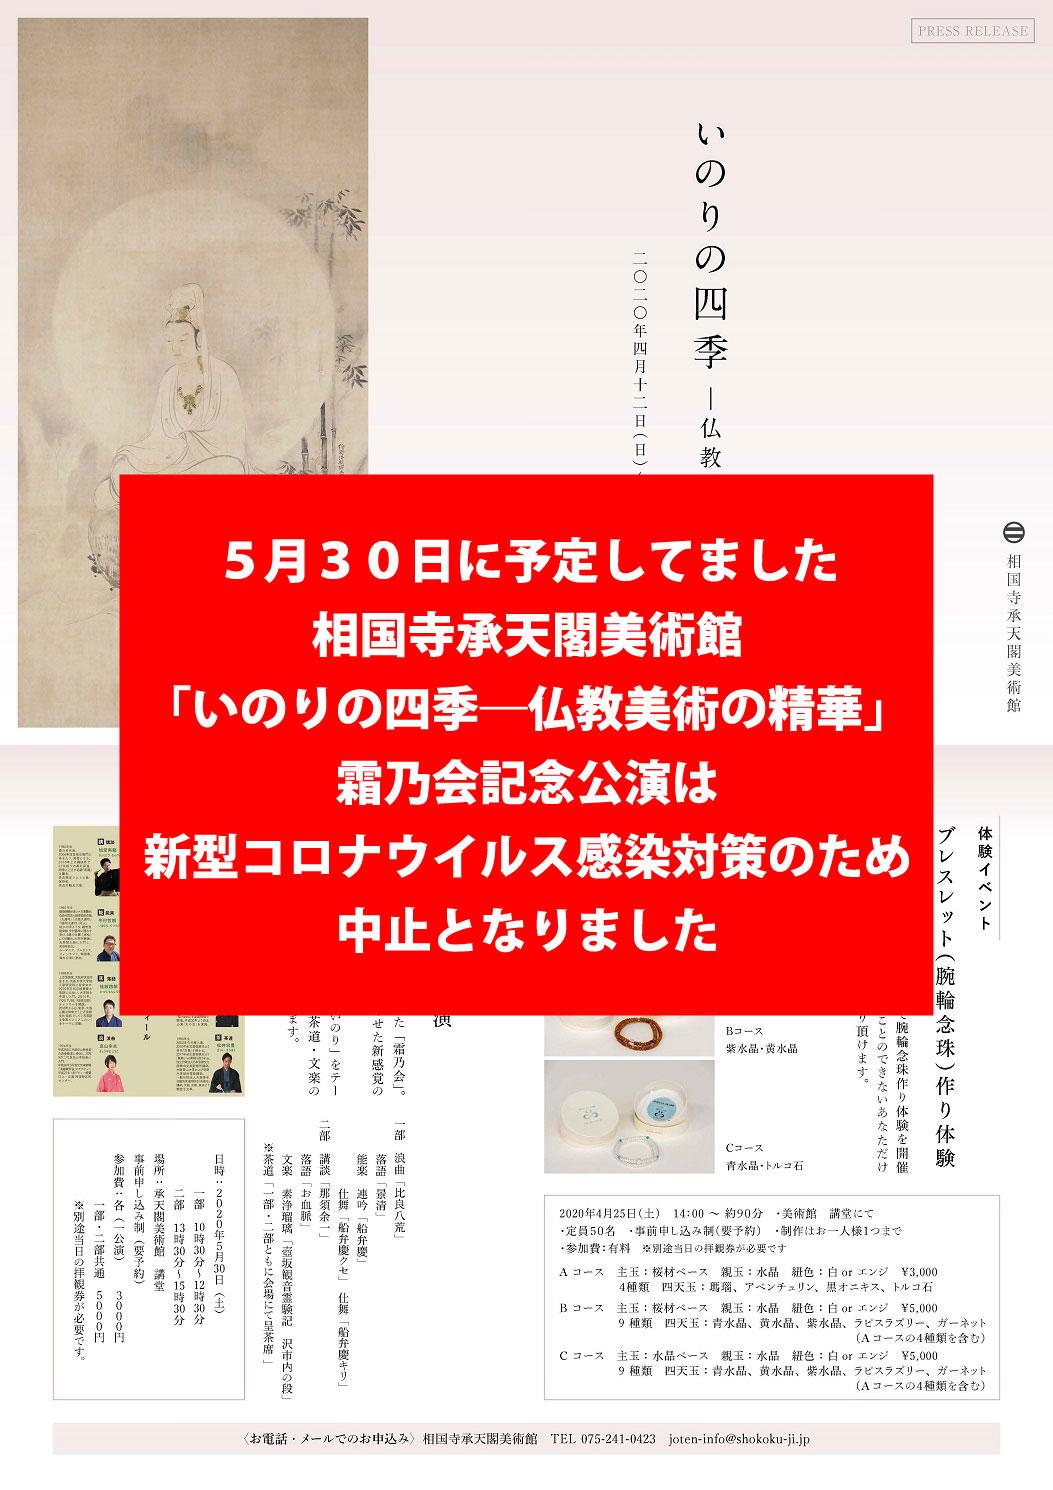 承天閣美術館 記念公演 中止